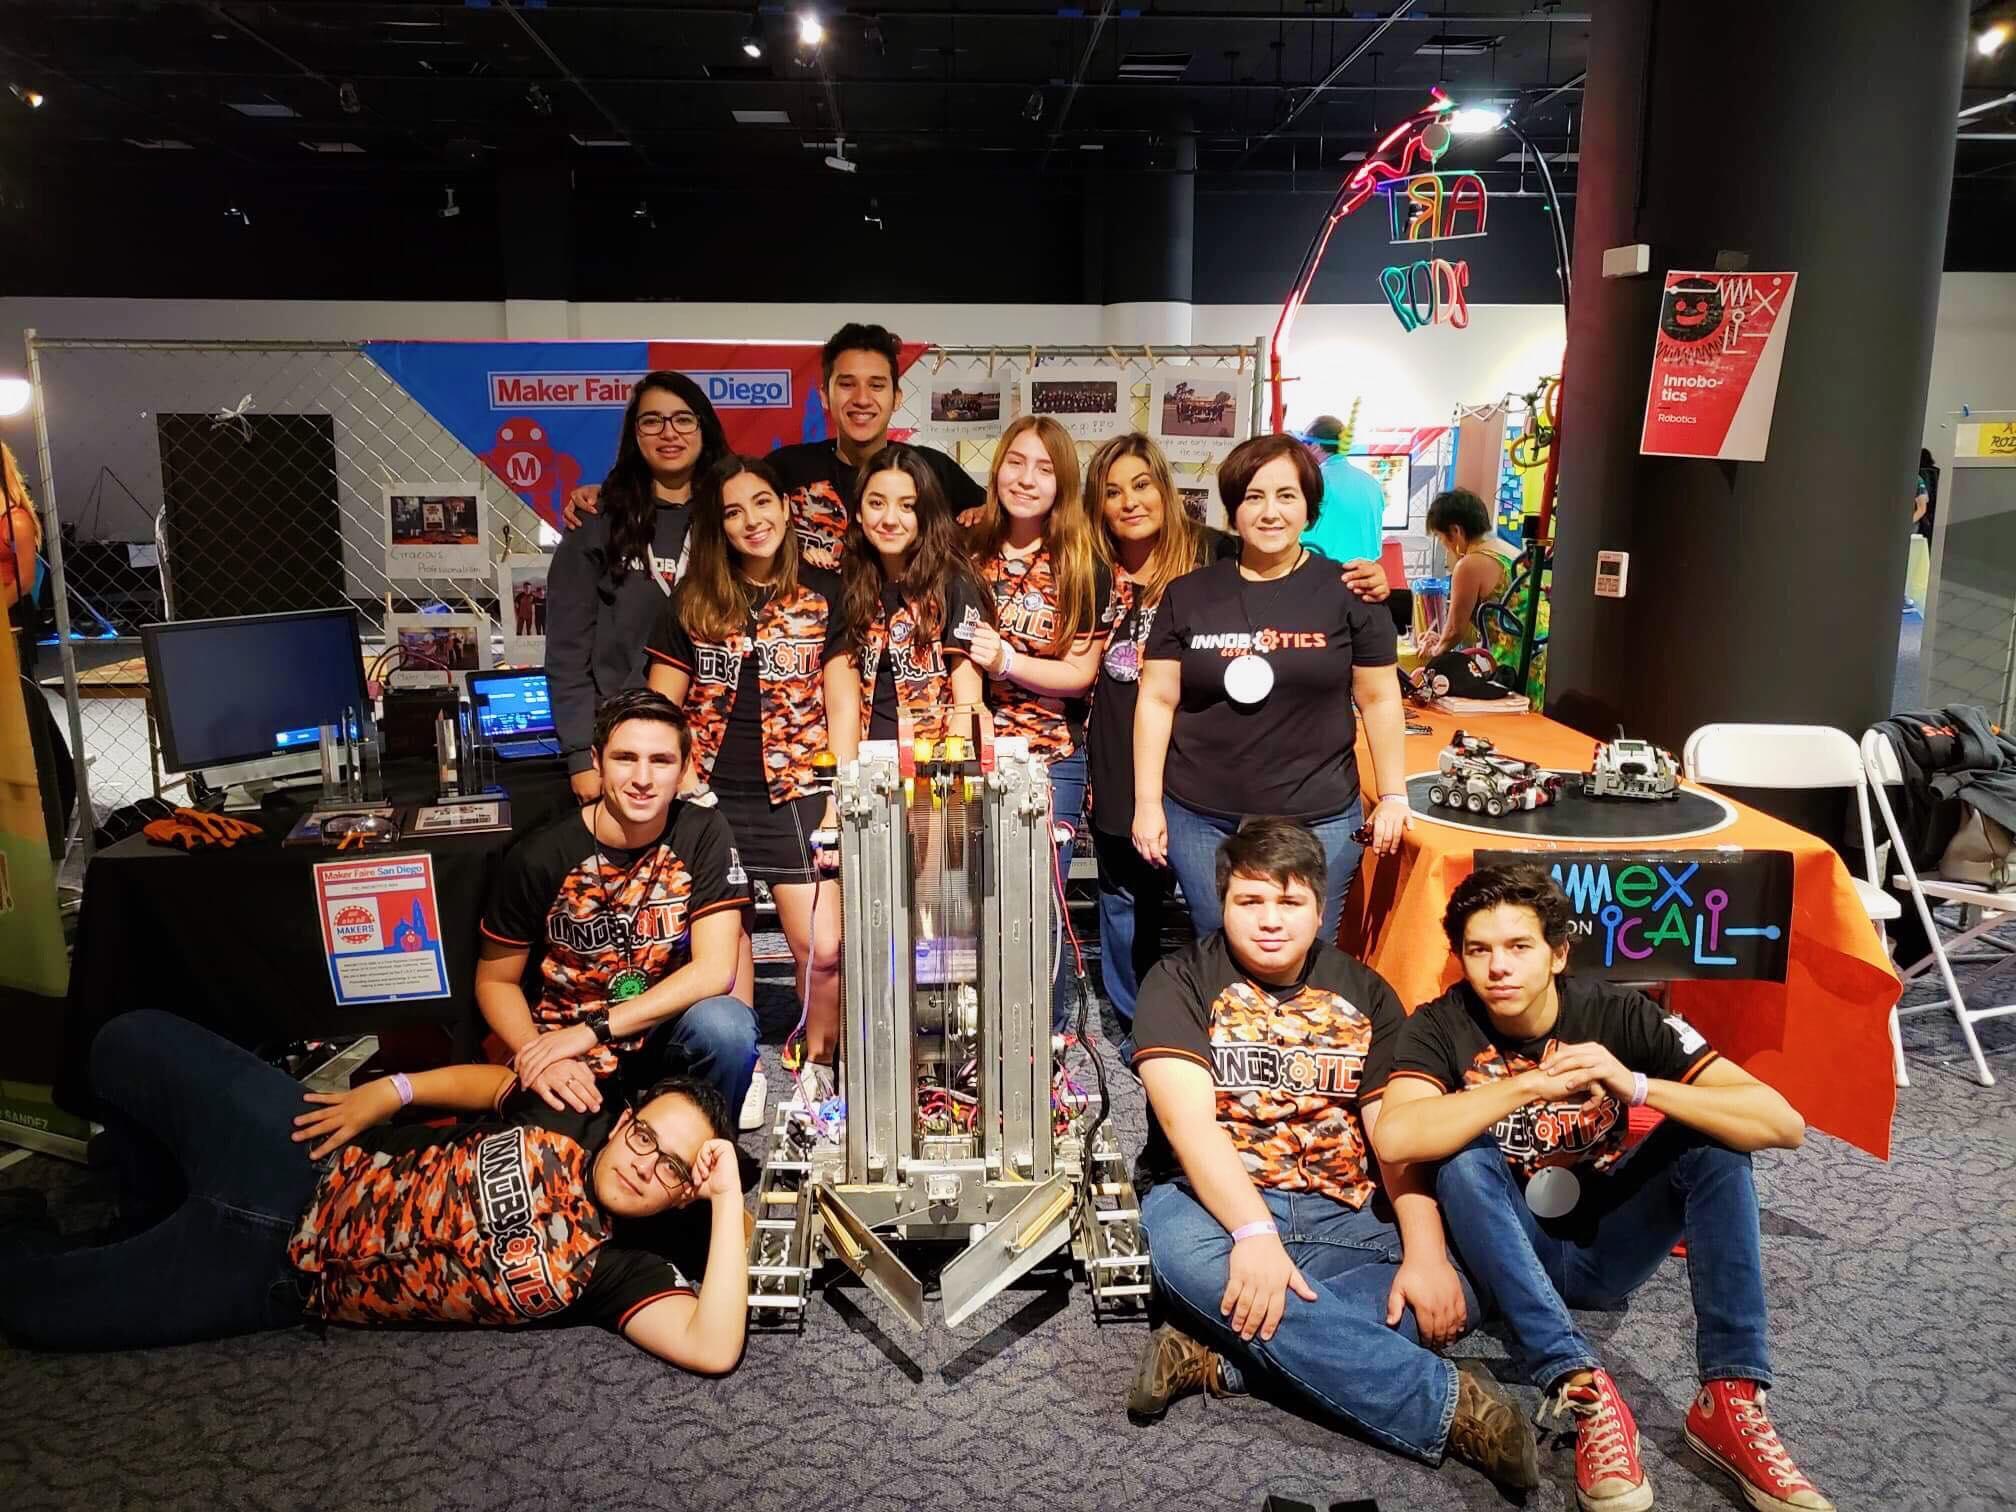 INNOBOTICS Sin fronteras, Participación del equipo en Maker Faire San Diego